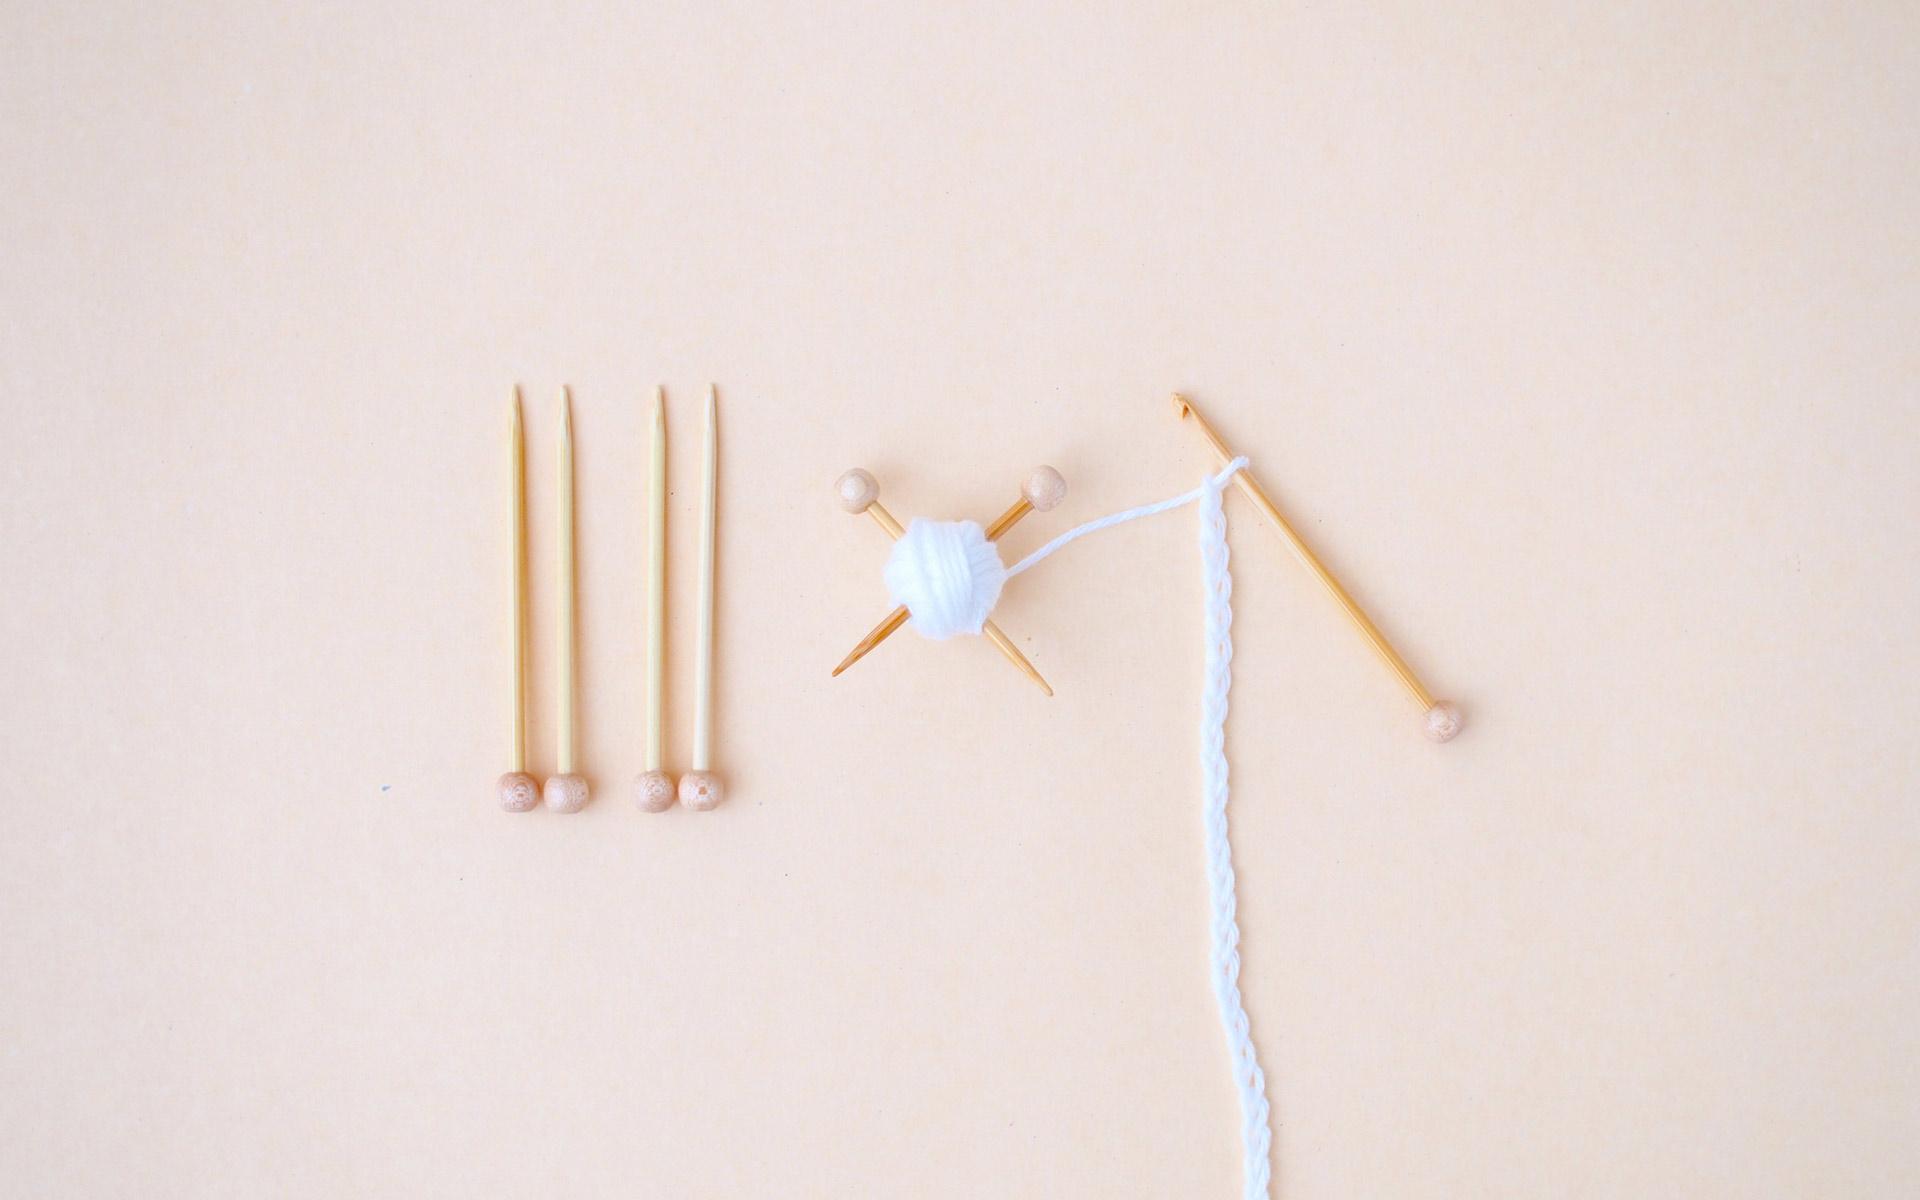 世界中に多くの愛好家をもつ、竹の編み針